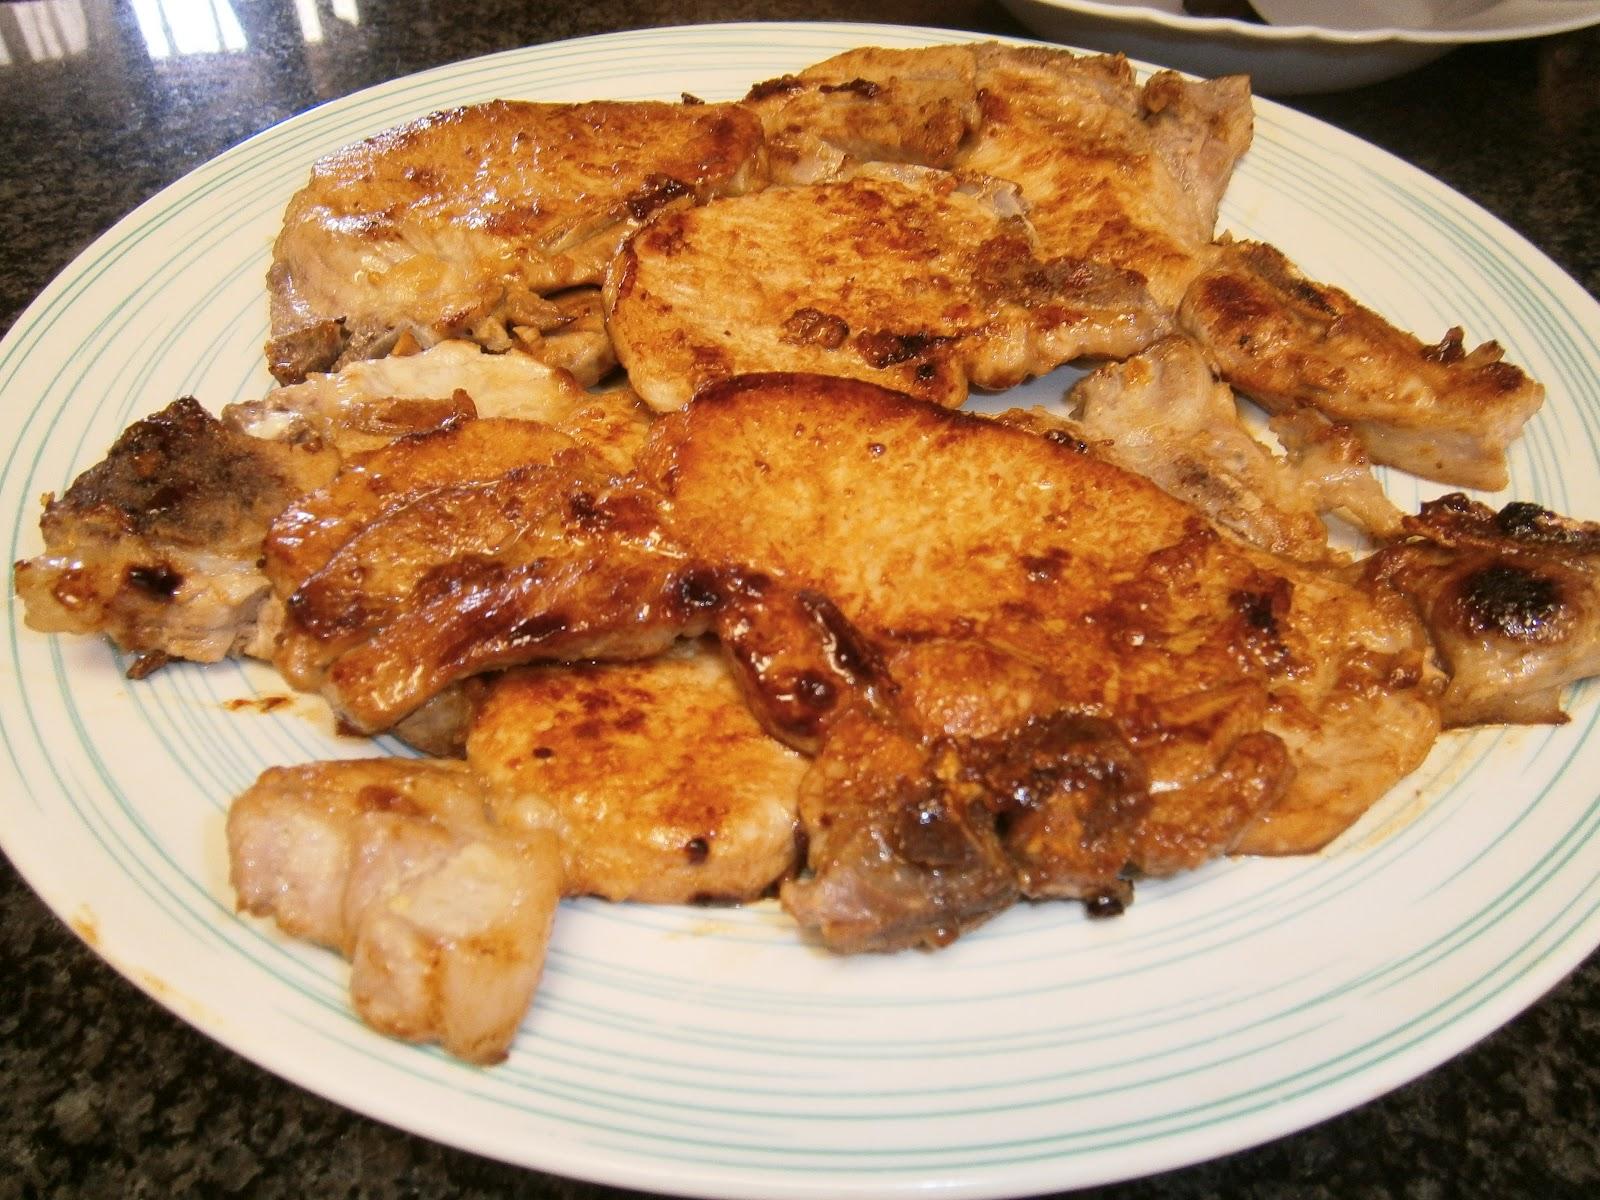 Cocinar f cil y r pido chuletas de cerdo en salsa agridulce for Cocinar berenjenas facil